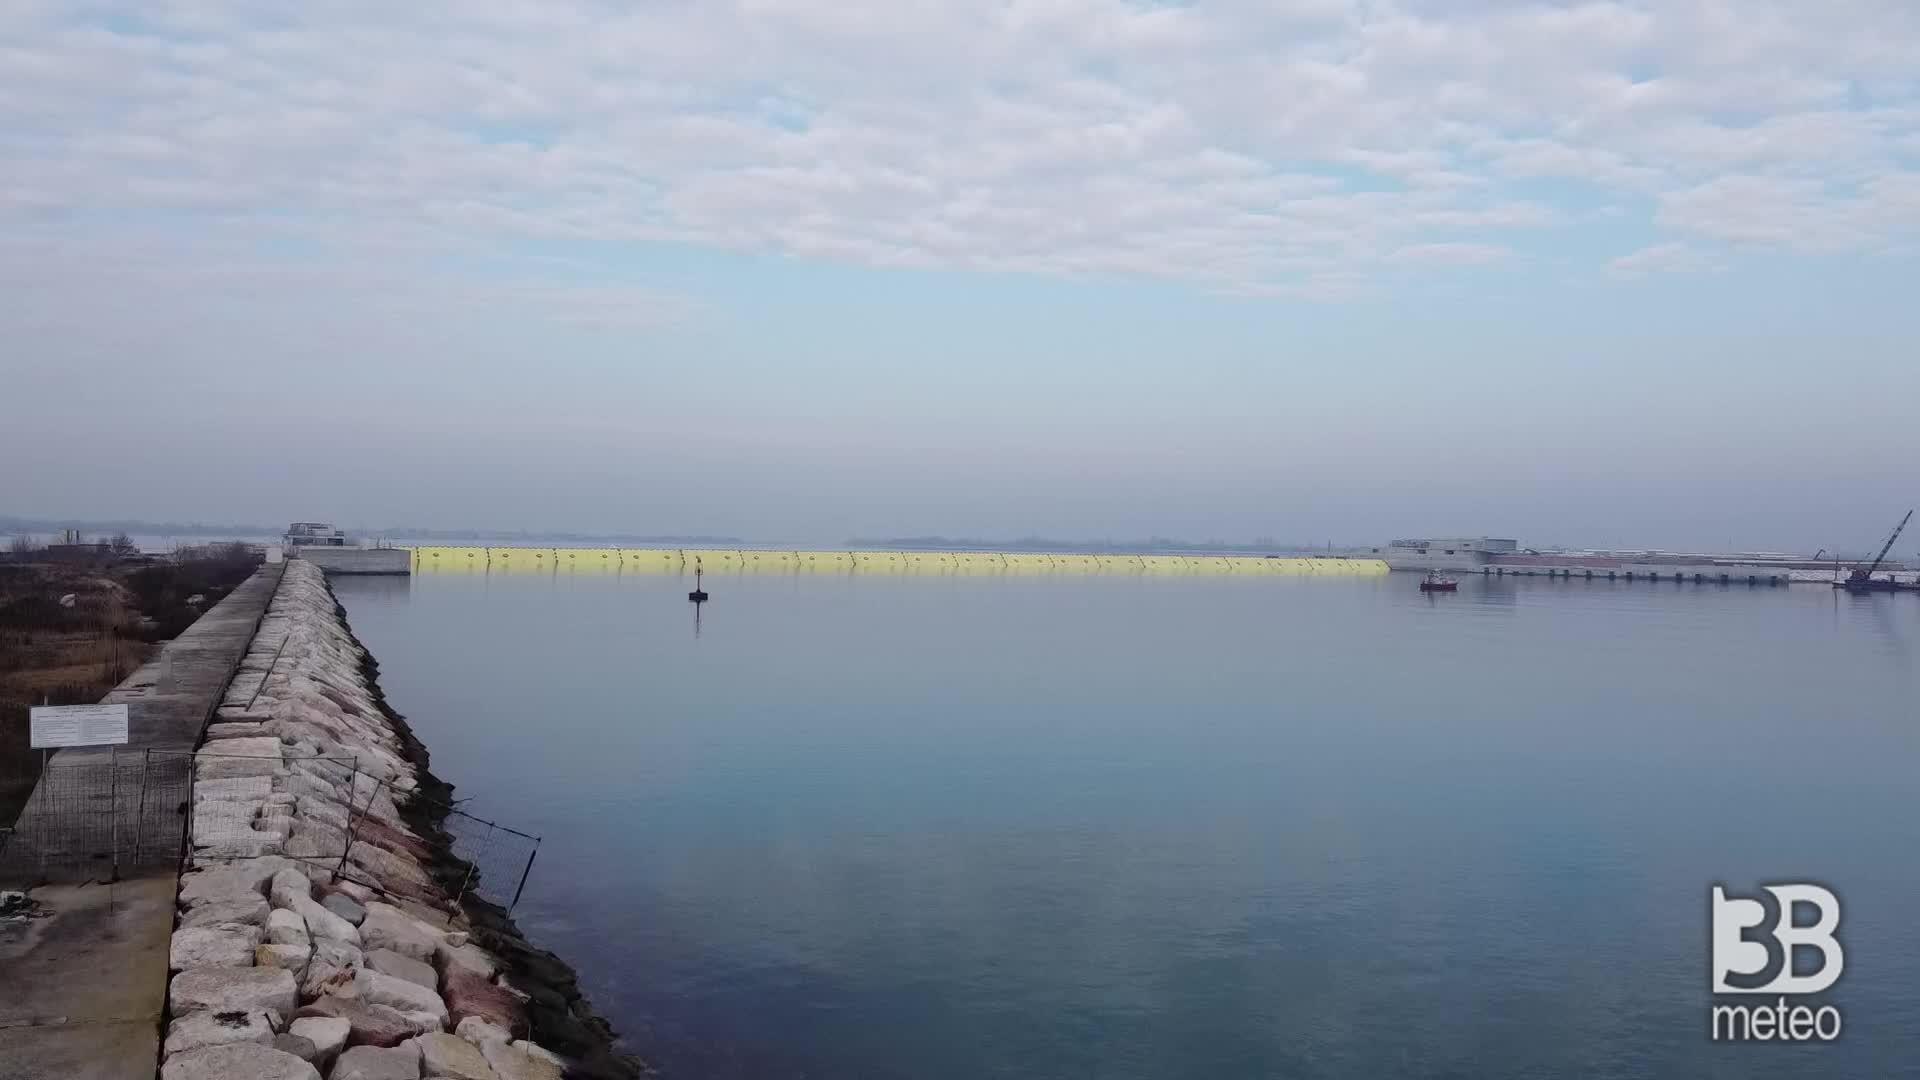 Venezia, il Mose sollevato: le immagini dal drone